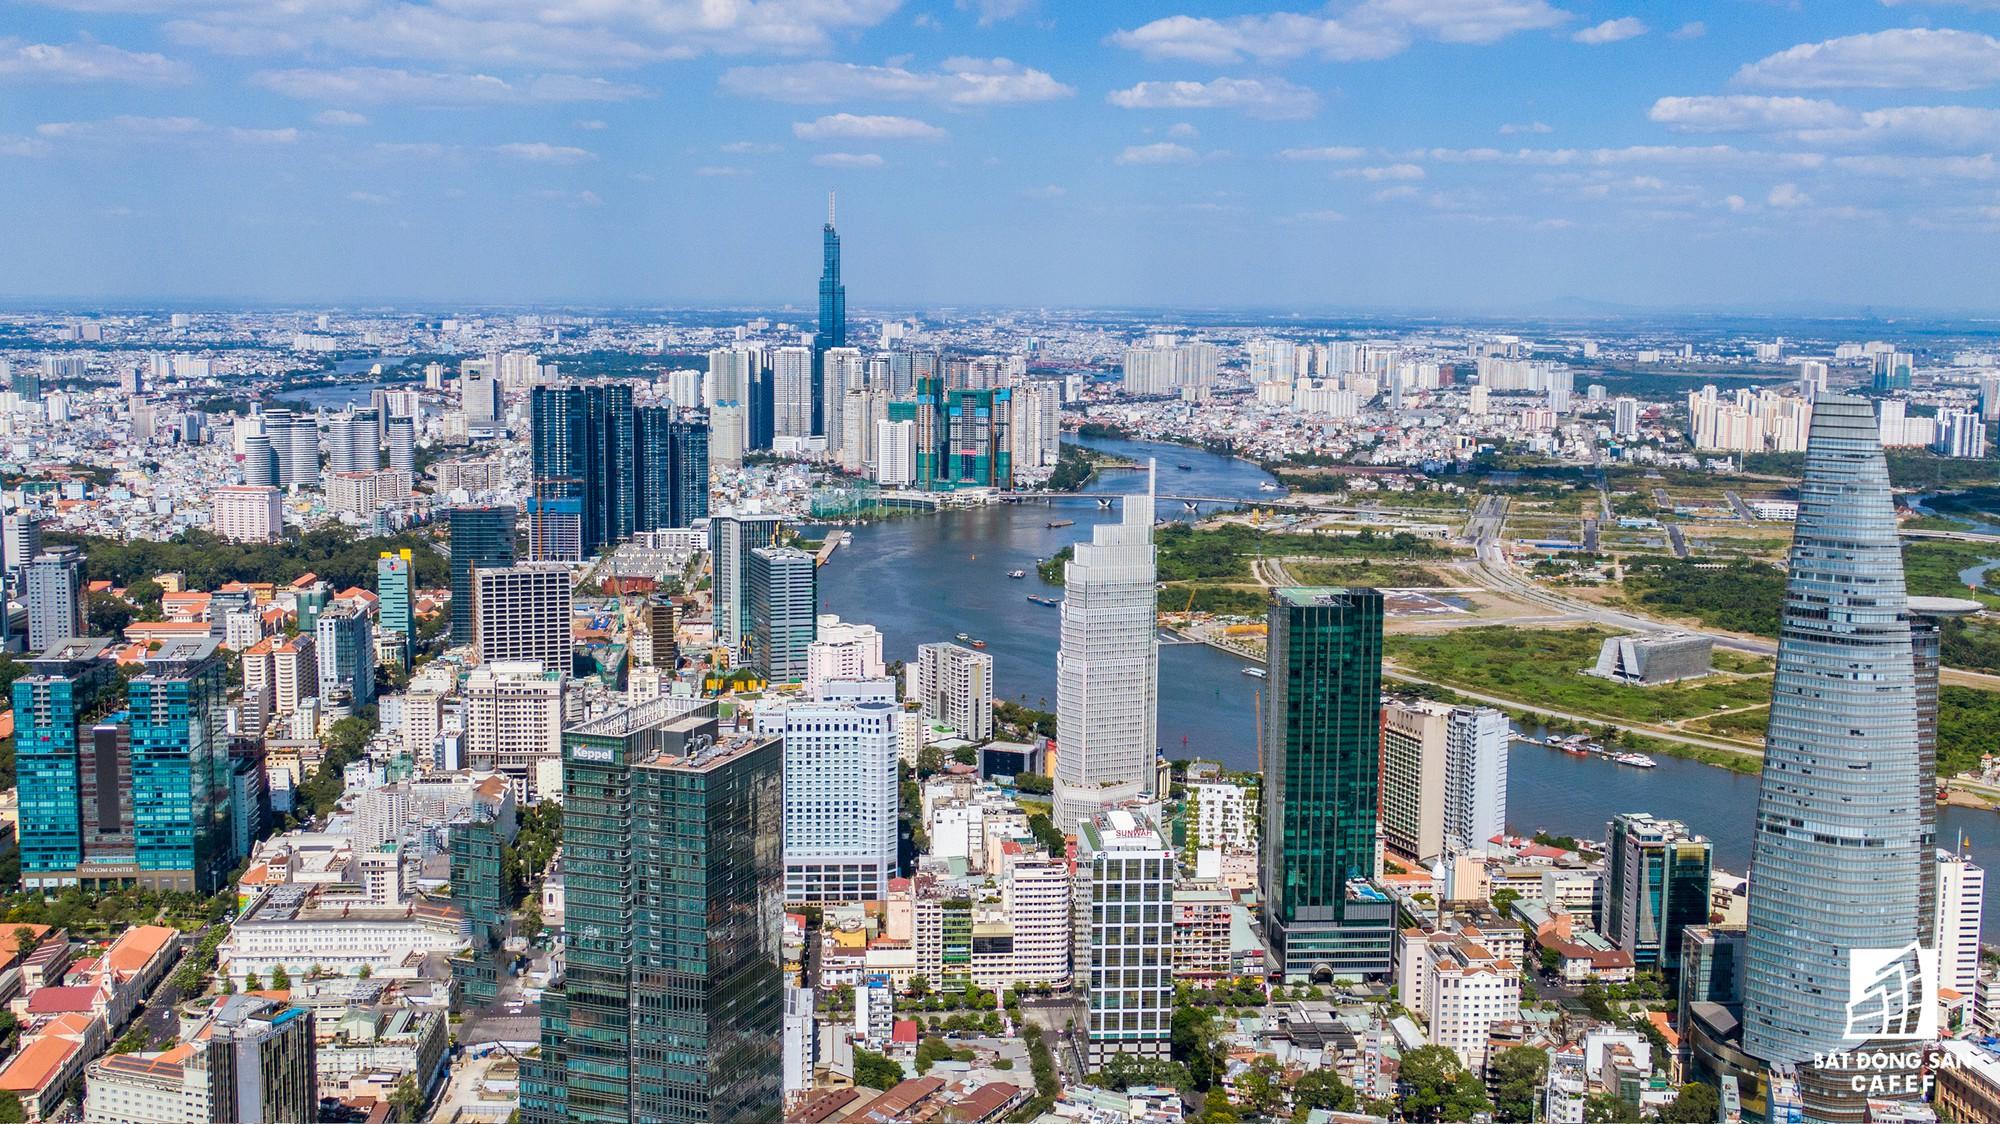 Diện mạo hai bờ sông Sài Gòn tương lai nhìn từ loạt siêu dự án tỷ đô, khu vực trung tâm giá nhà lên hơn 1 tỷ đồng/m2 - Ảnh 5.